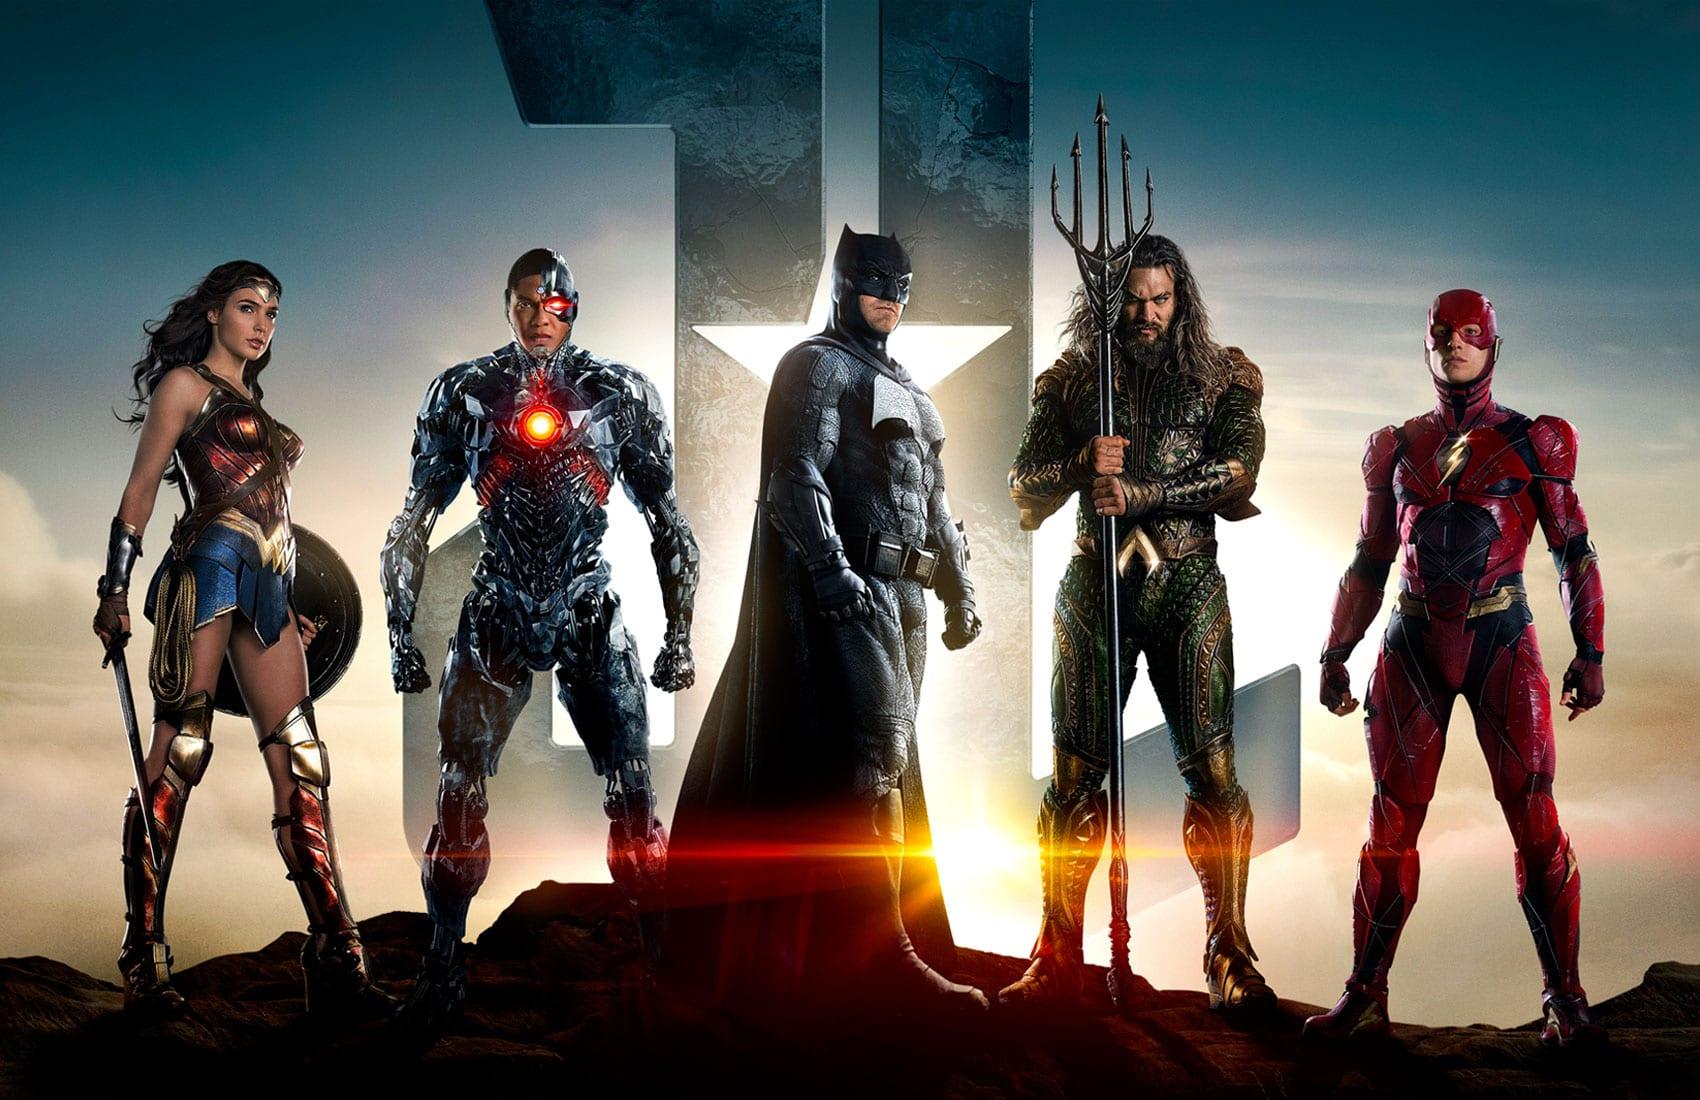 Credits Warner Bros. - DC Comics